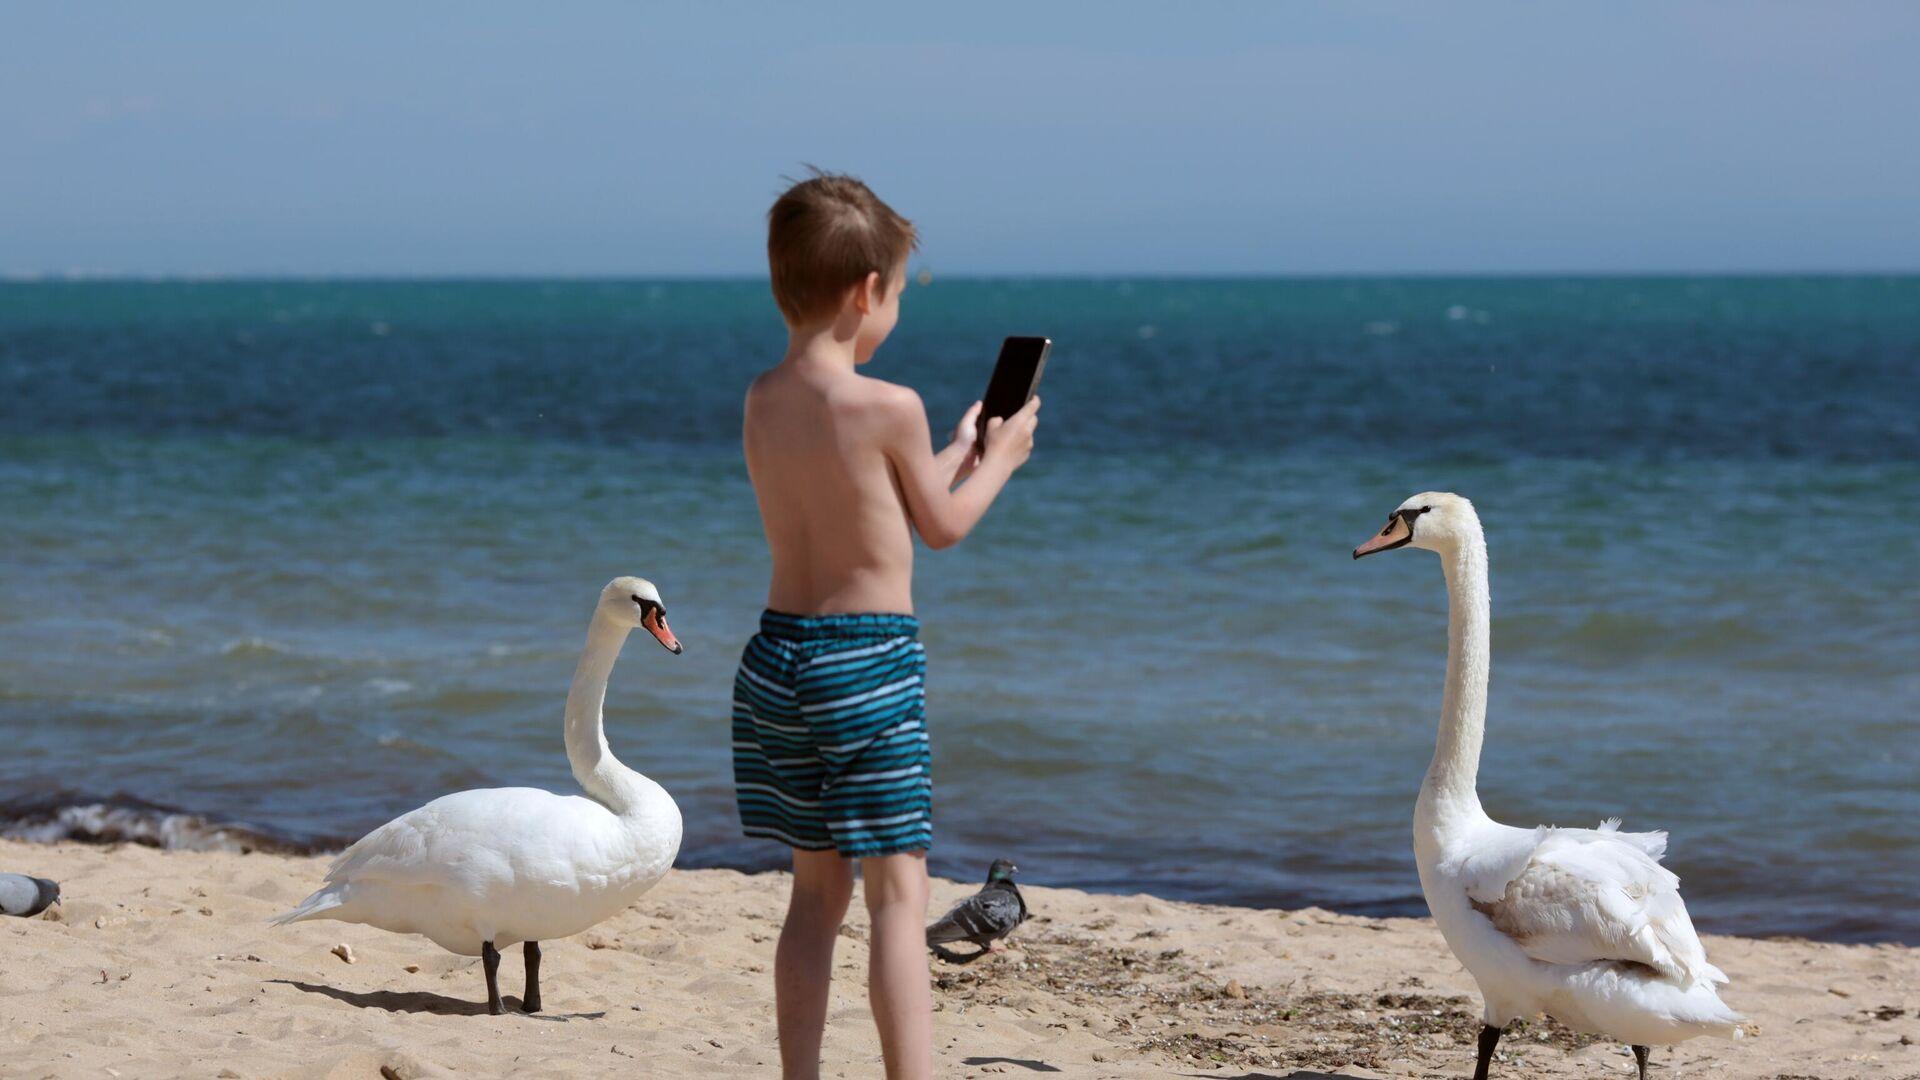 Мальчик снимает на смартфон лебедей - РИА Новости, 1920, 28.09.2020